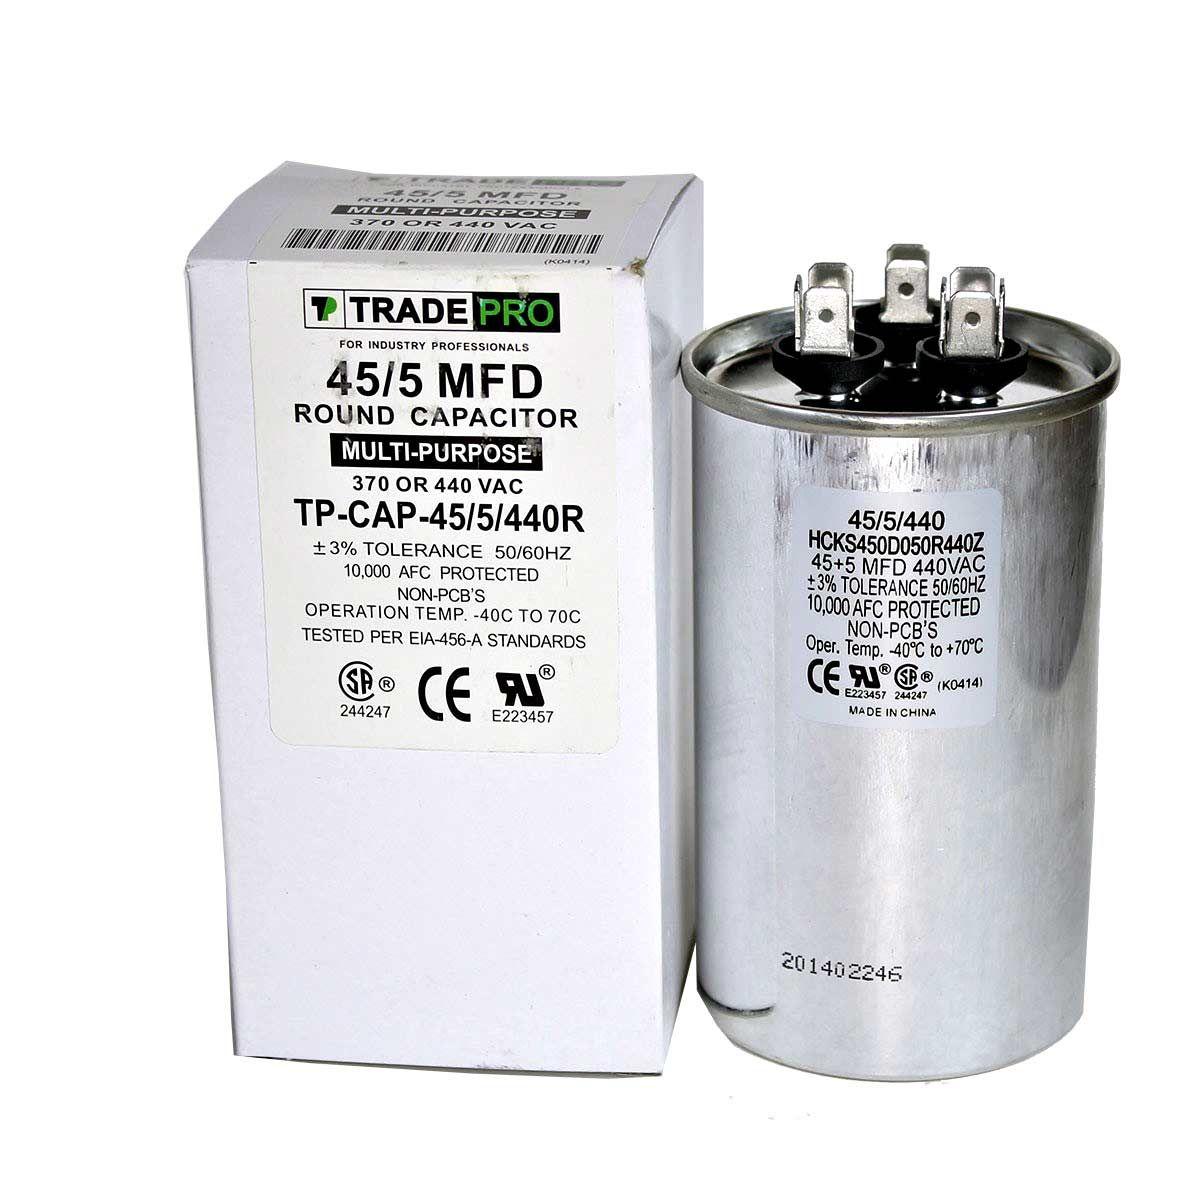 Mighty Pump A/C Condensate Drain Line Pump Clears drain